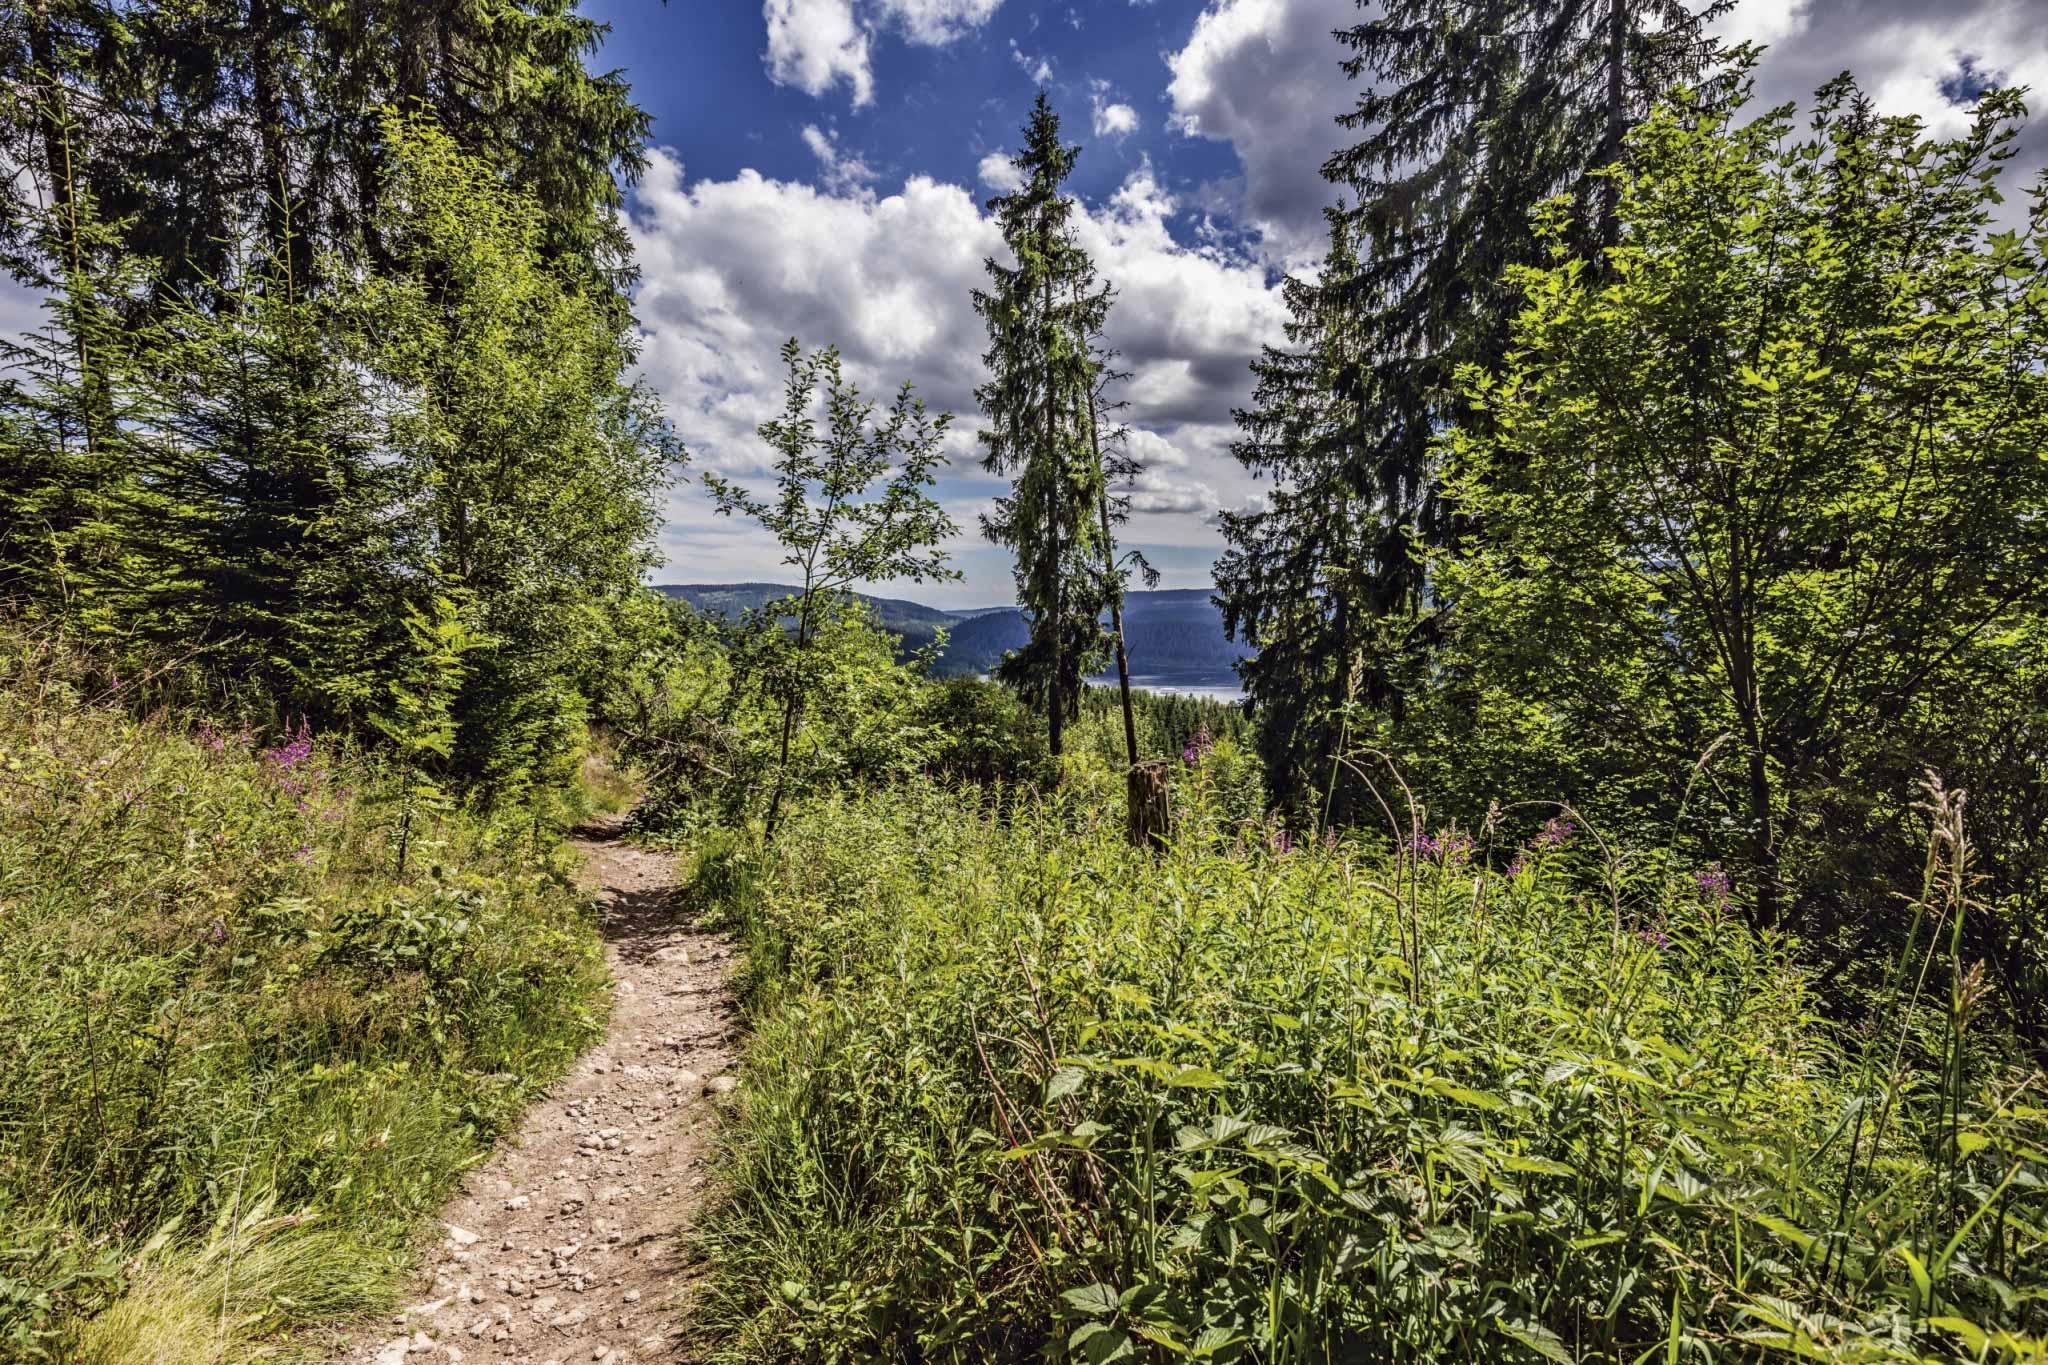 Wanderpfad im Wald mit Blick auf den See